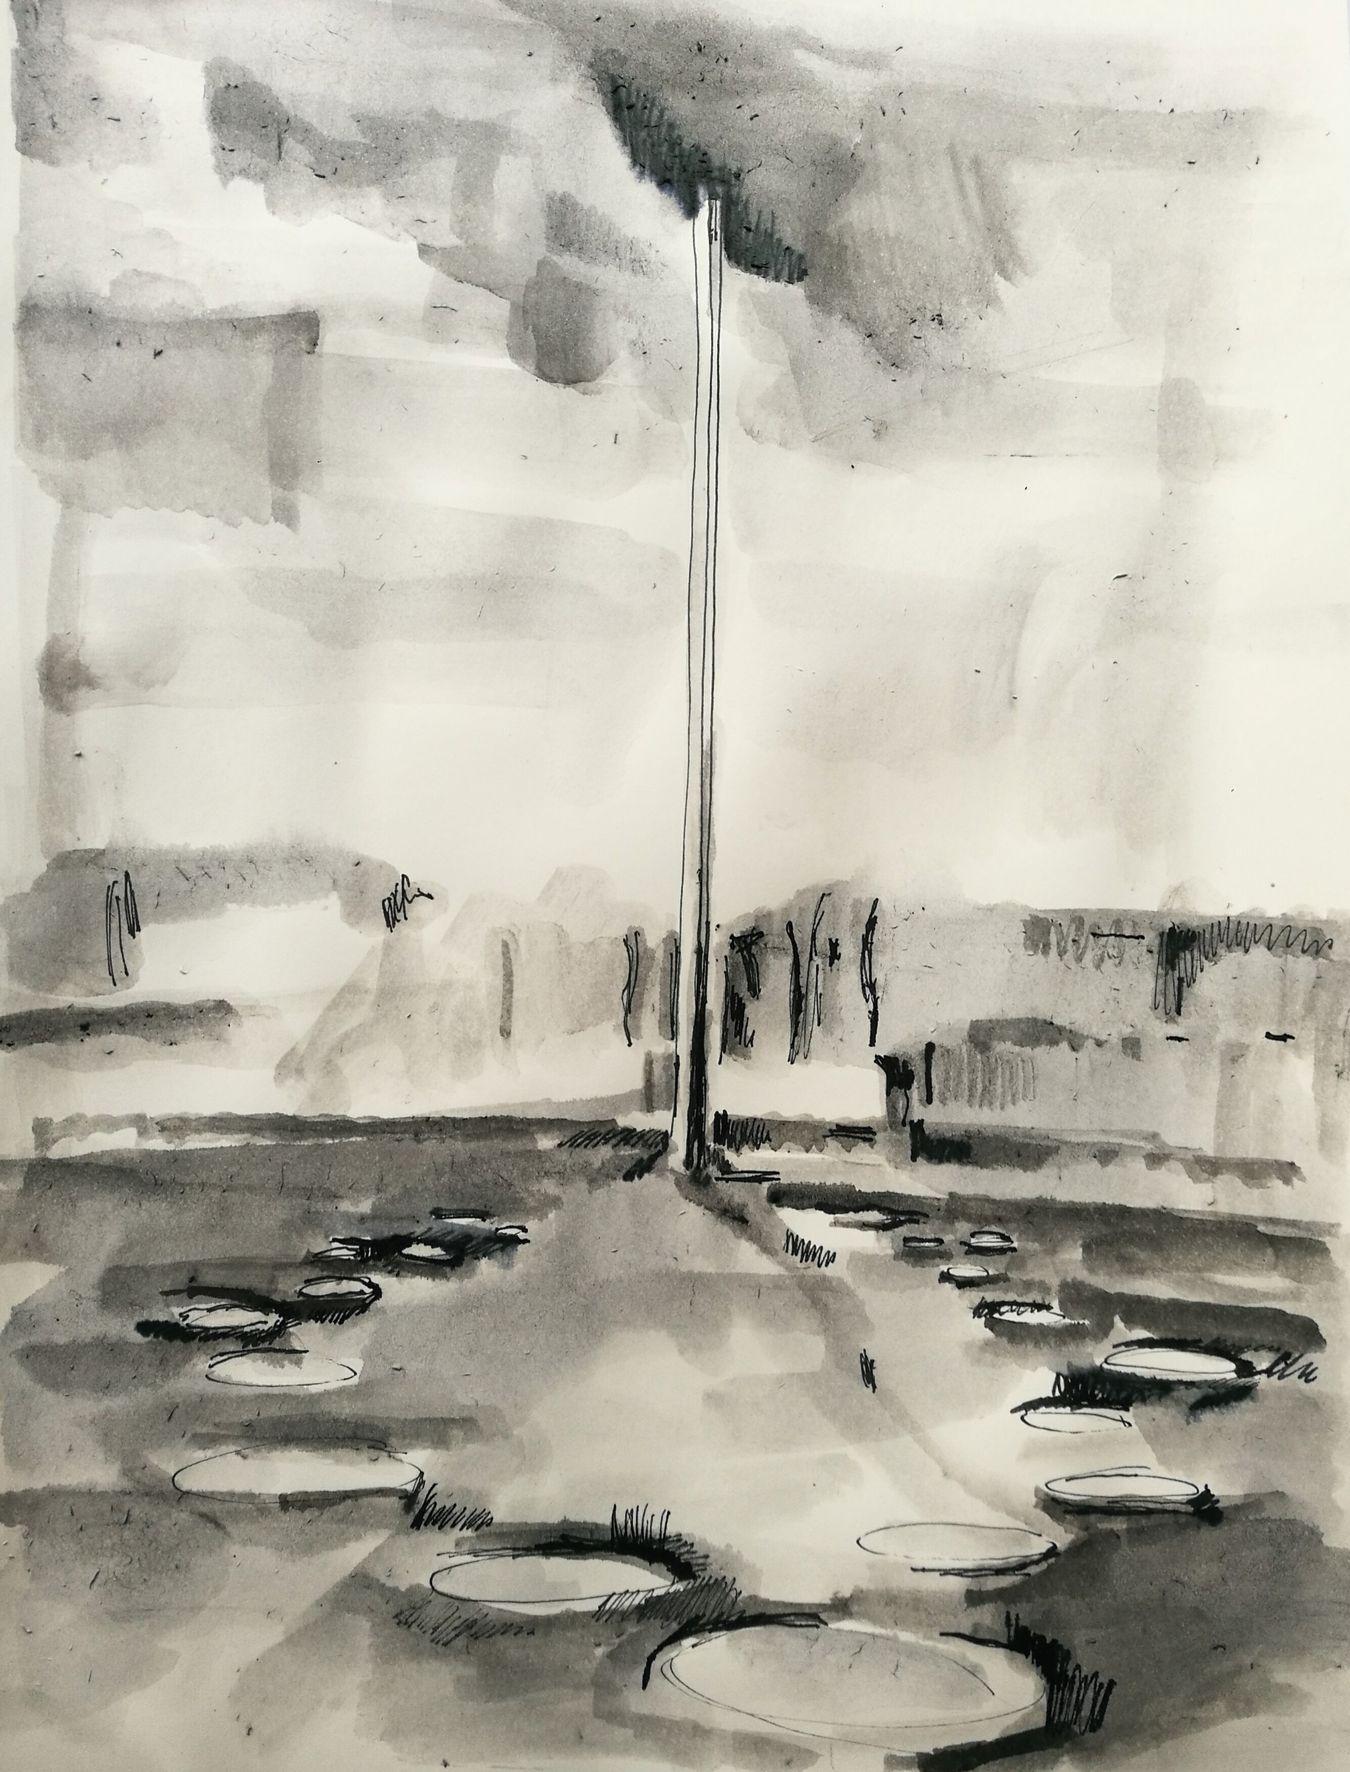 © Christian Gmeiner, Entwurf/Denkmal für die vergessenen NS-Opfer in Ritzing, Tusche auf Papier, 29,7 x 21 cm, 2018